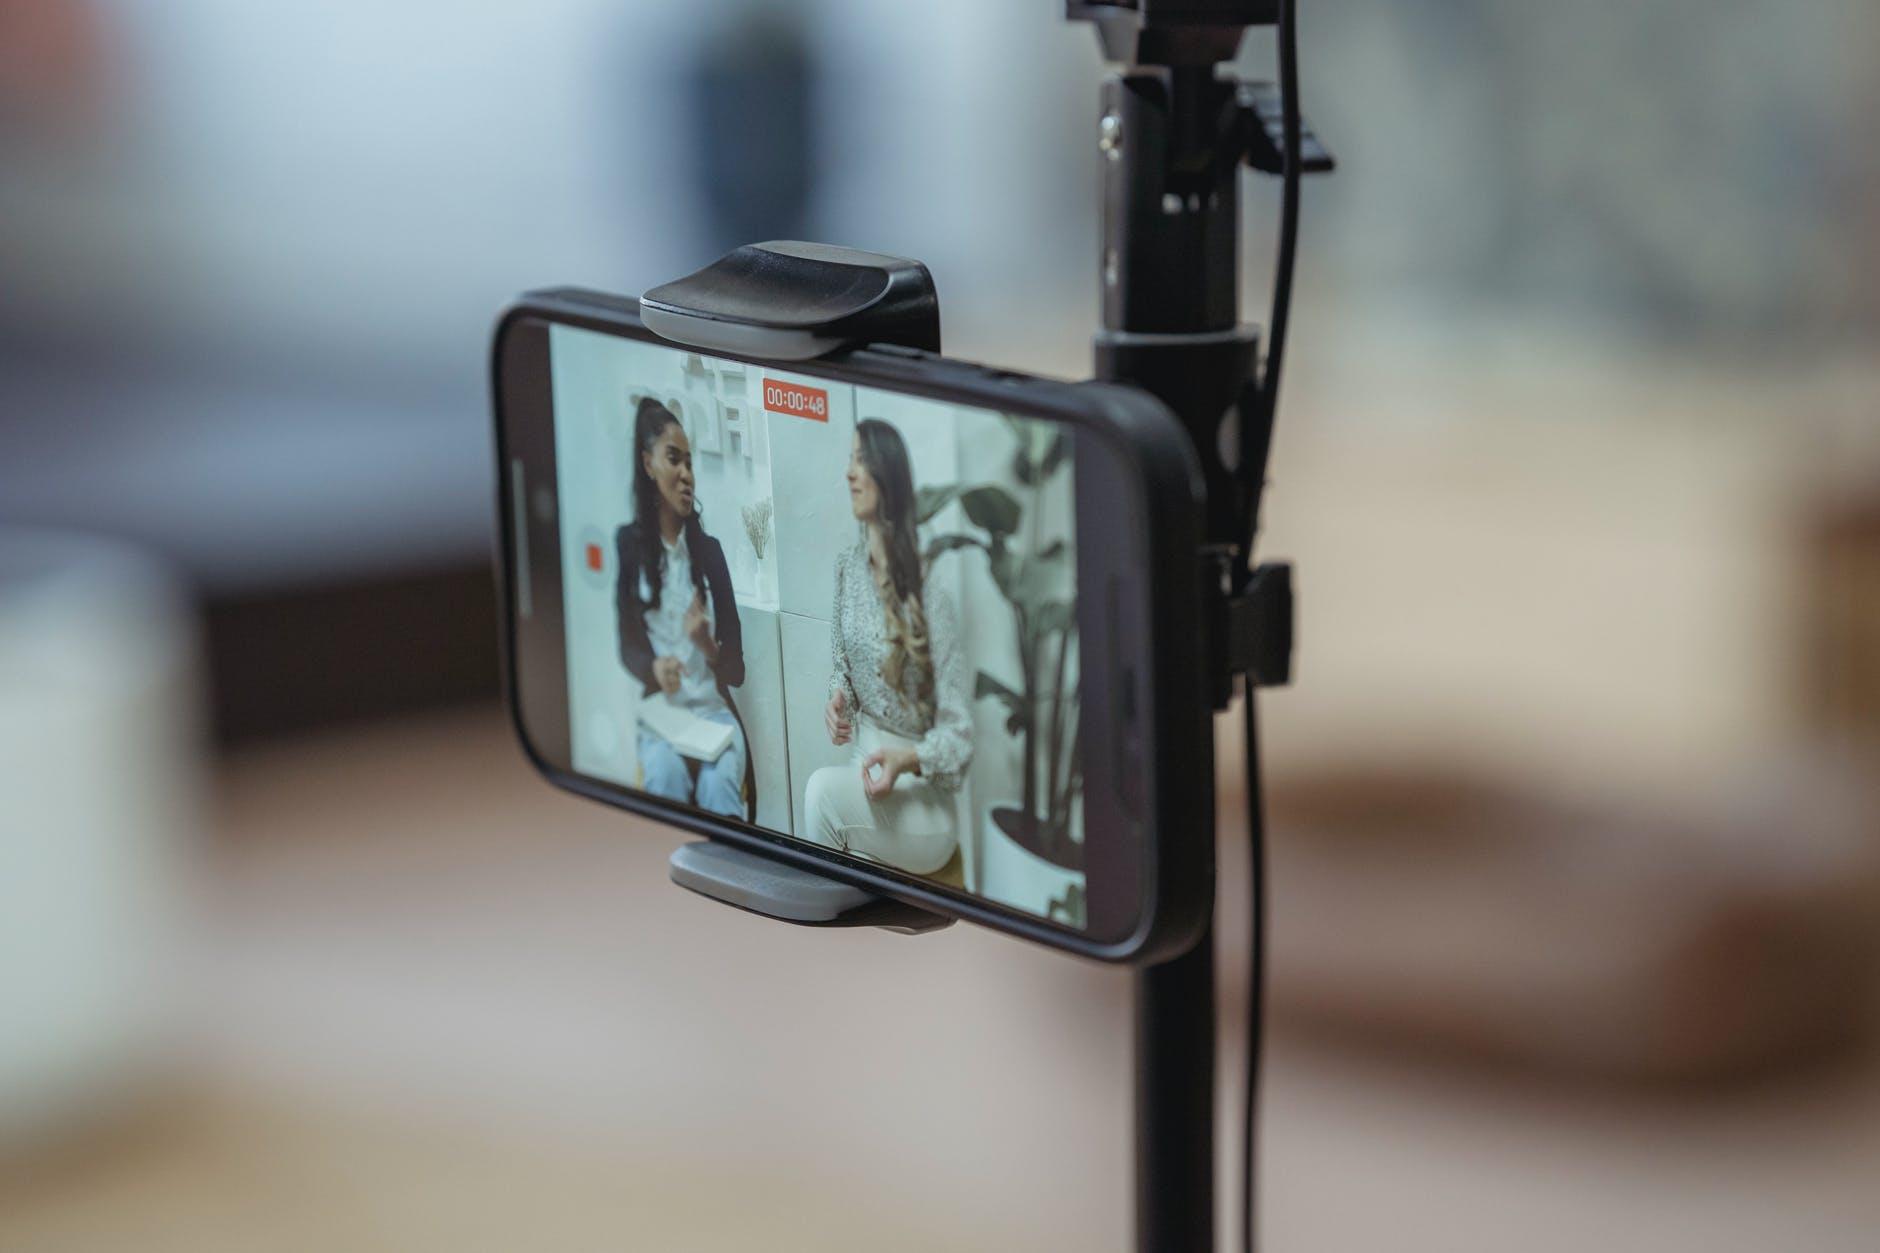 Daftar hp kamera terbaik 2021 untuk yang hobi fotografi dan vlog.